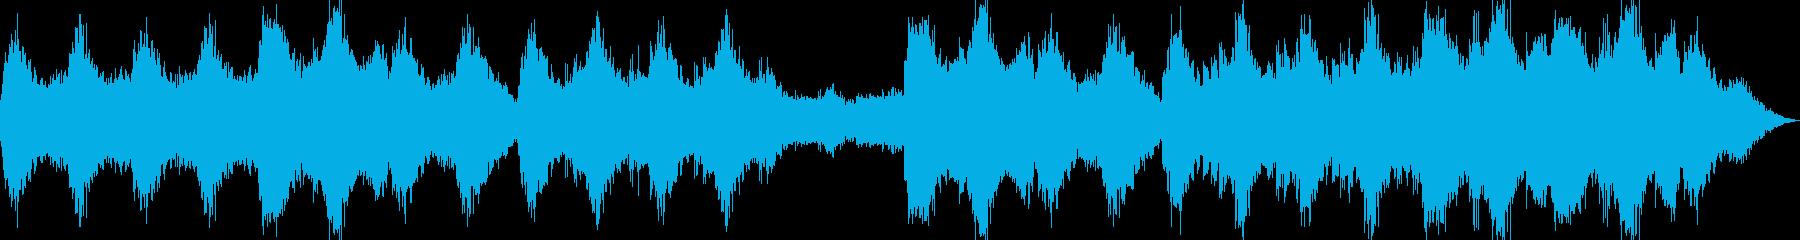 ビデオ、オーディオコレクション、そ...の再生済みの波形